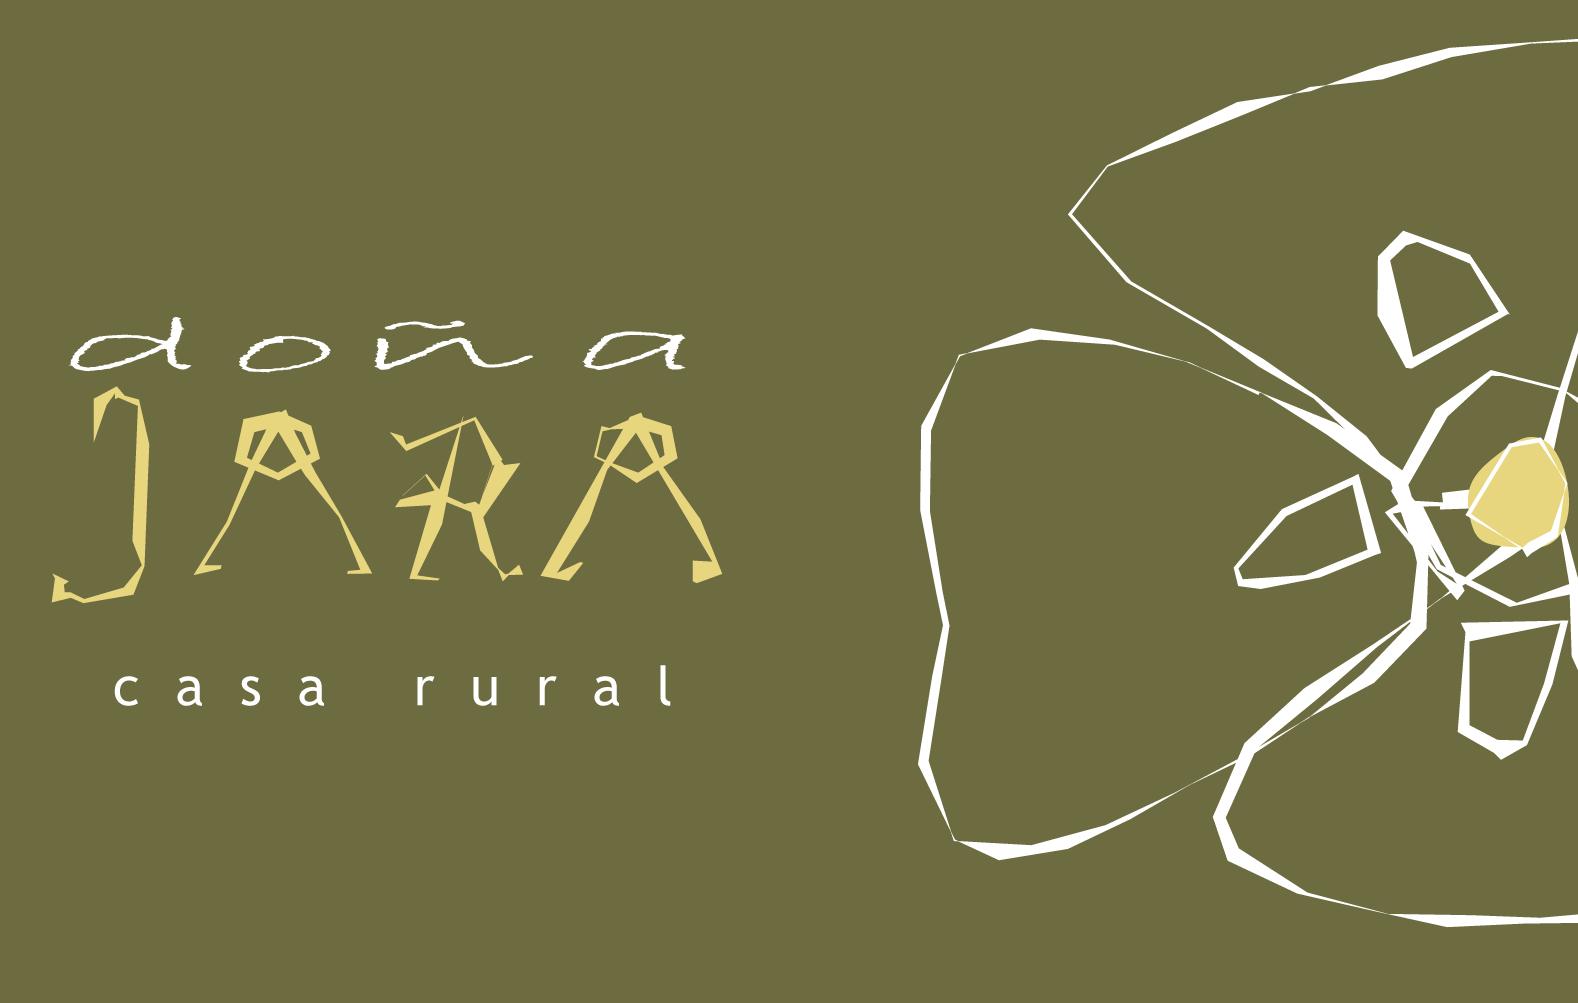 Doña Jara, casa rural.